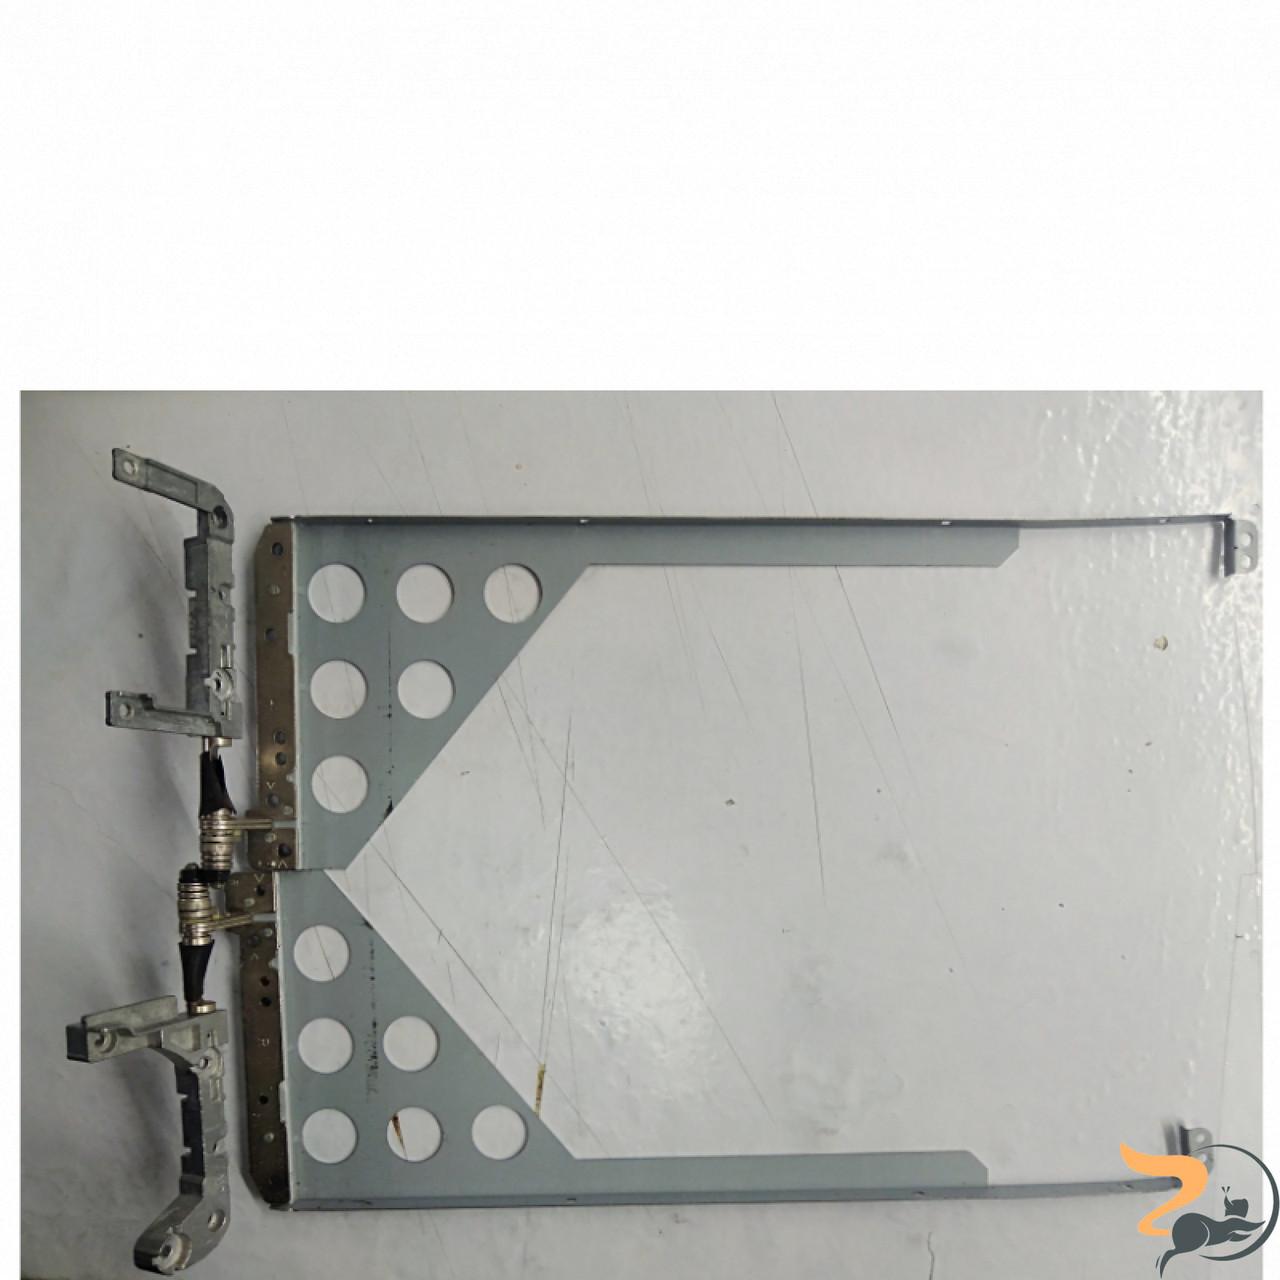 Петлі для ноутбука Toshiba Satellite Pro P300, FABD3006010, FABD3005010, Б/В